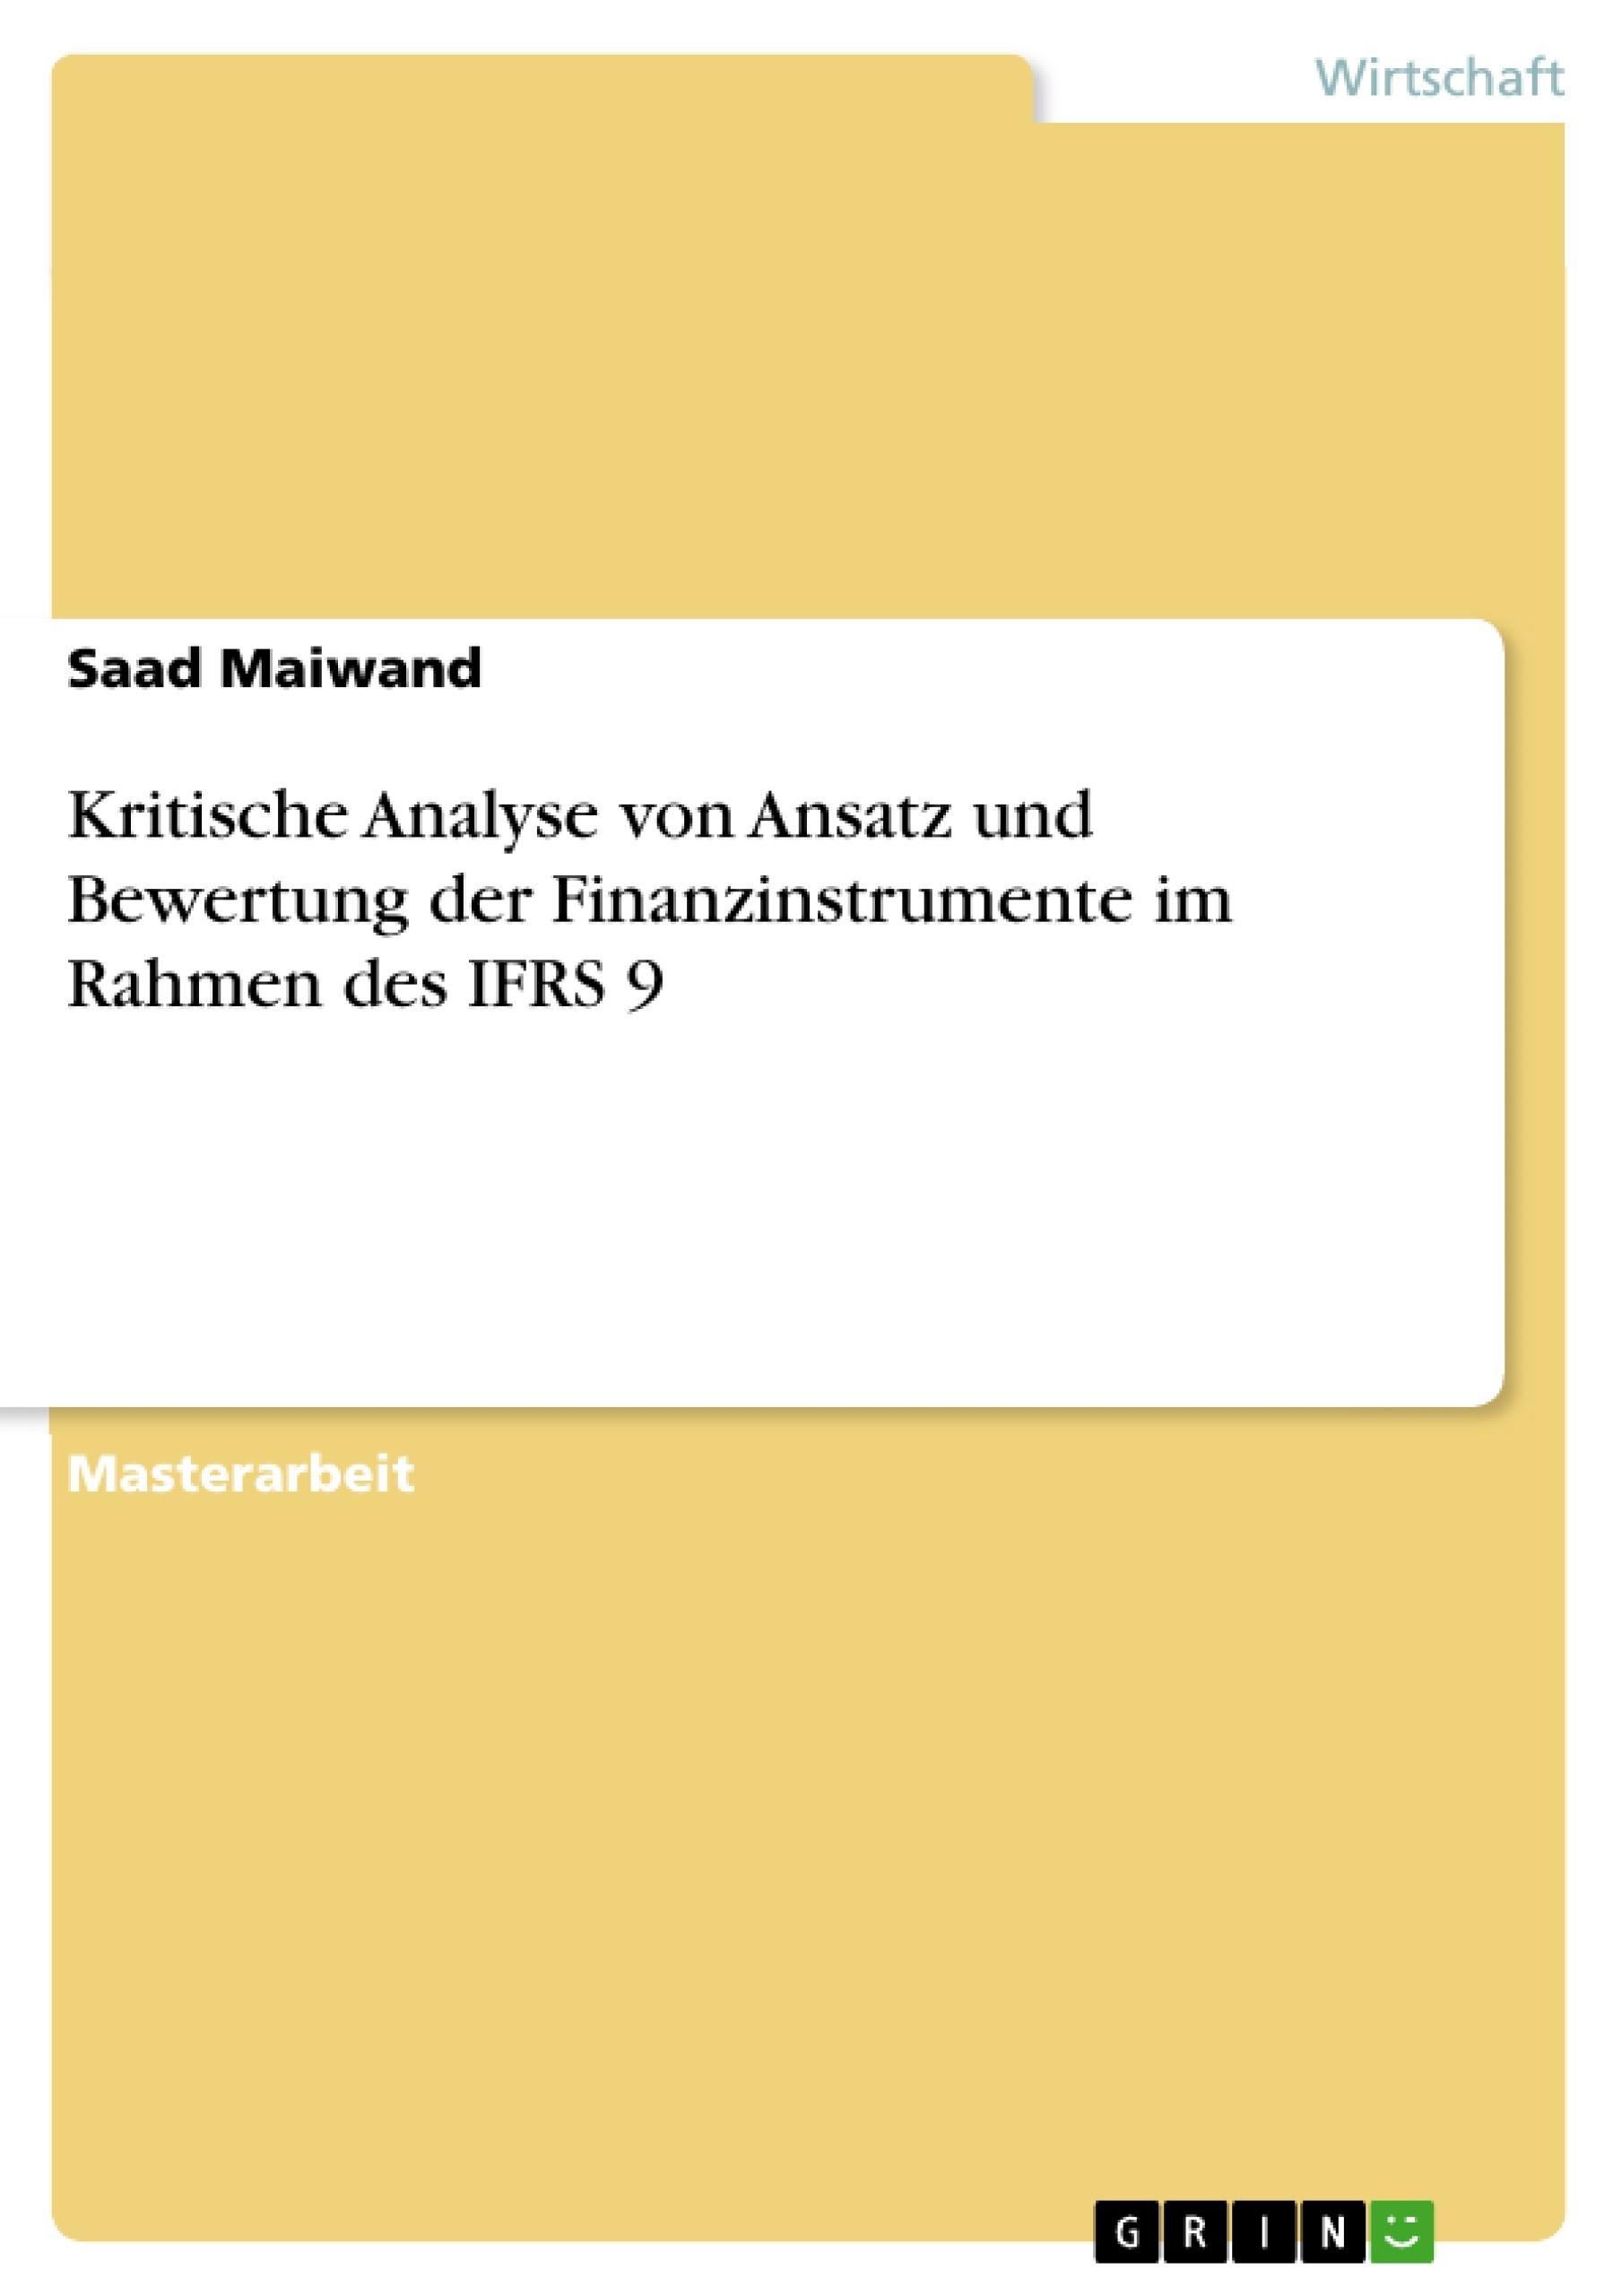 Titel: Kritische Analyse von Ansatz und Bewertung der Finanzinstrumente im Rahmen des IFRS 9